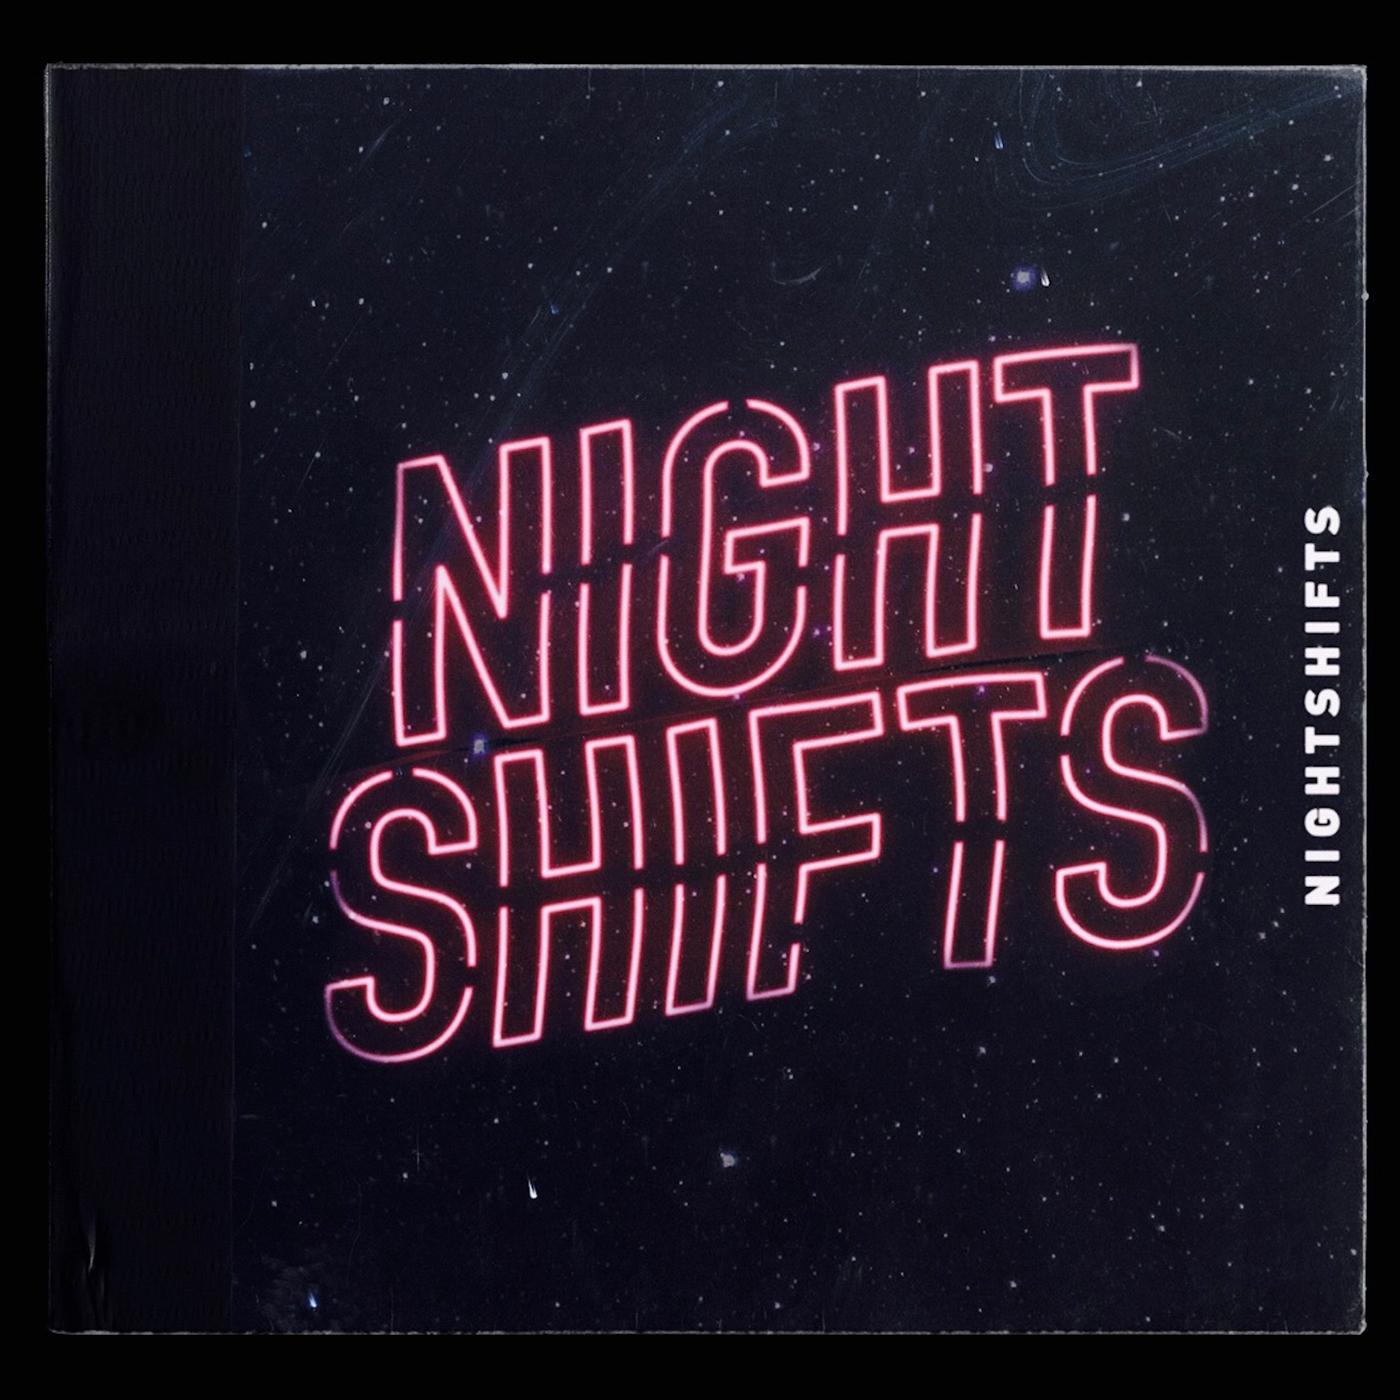 Karma - Nightshifts